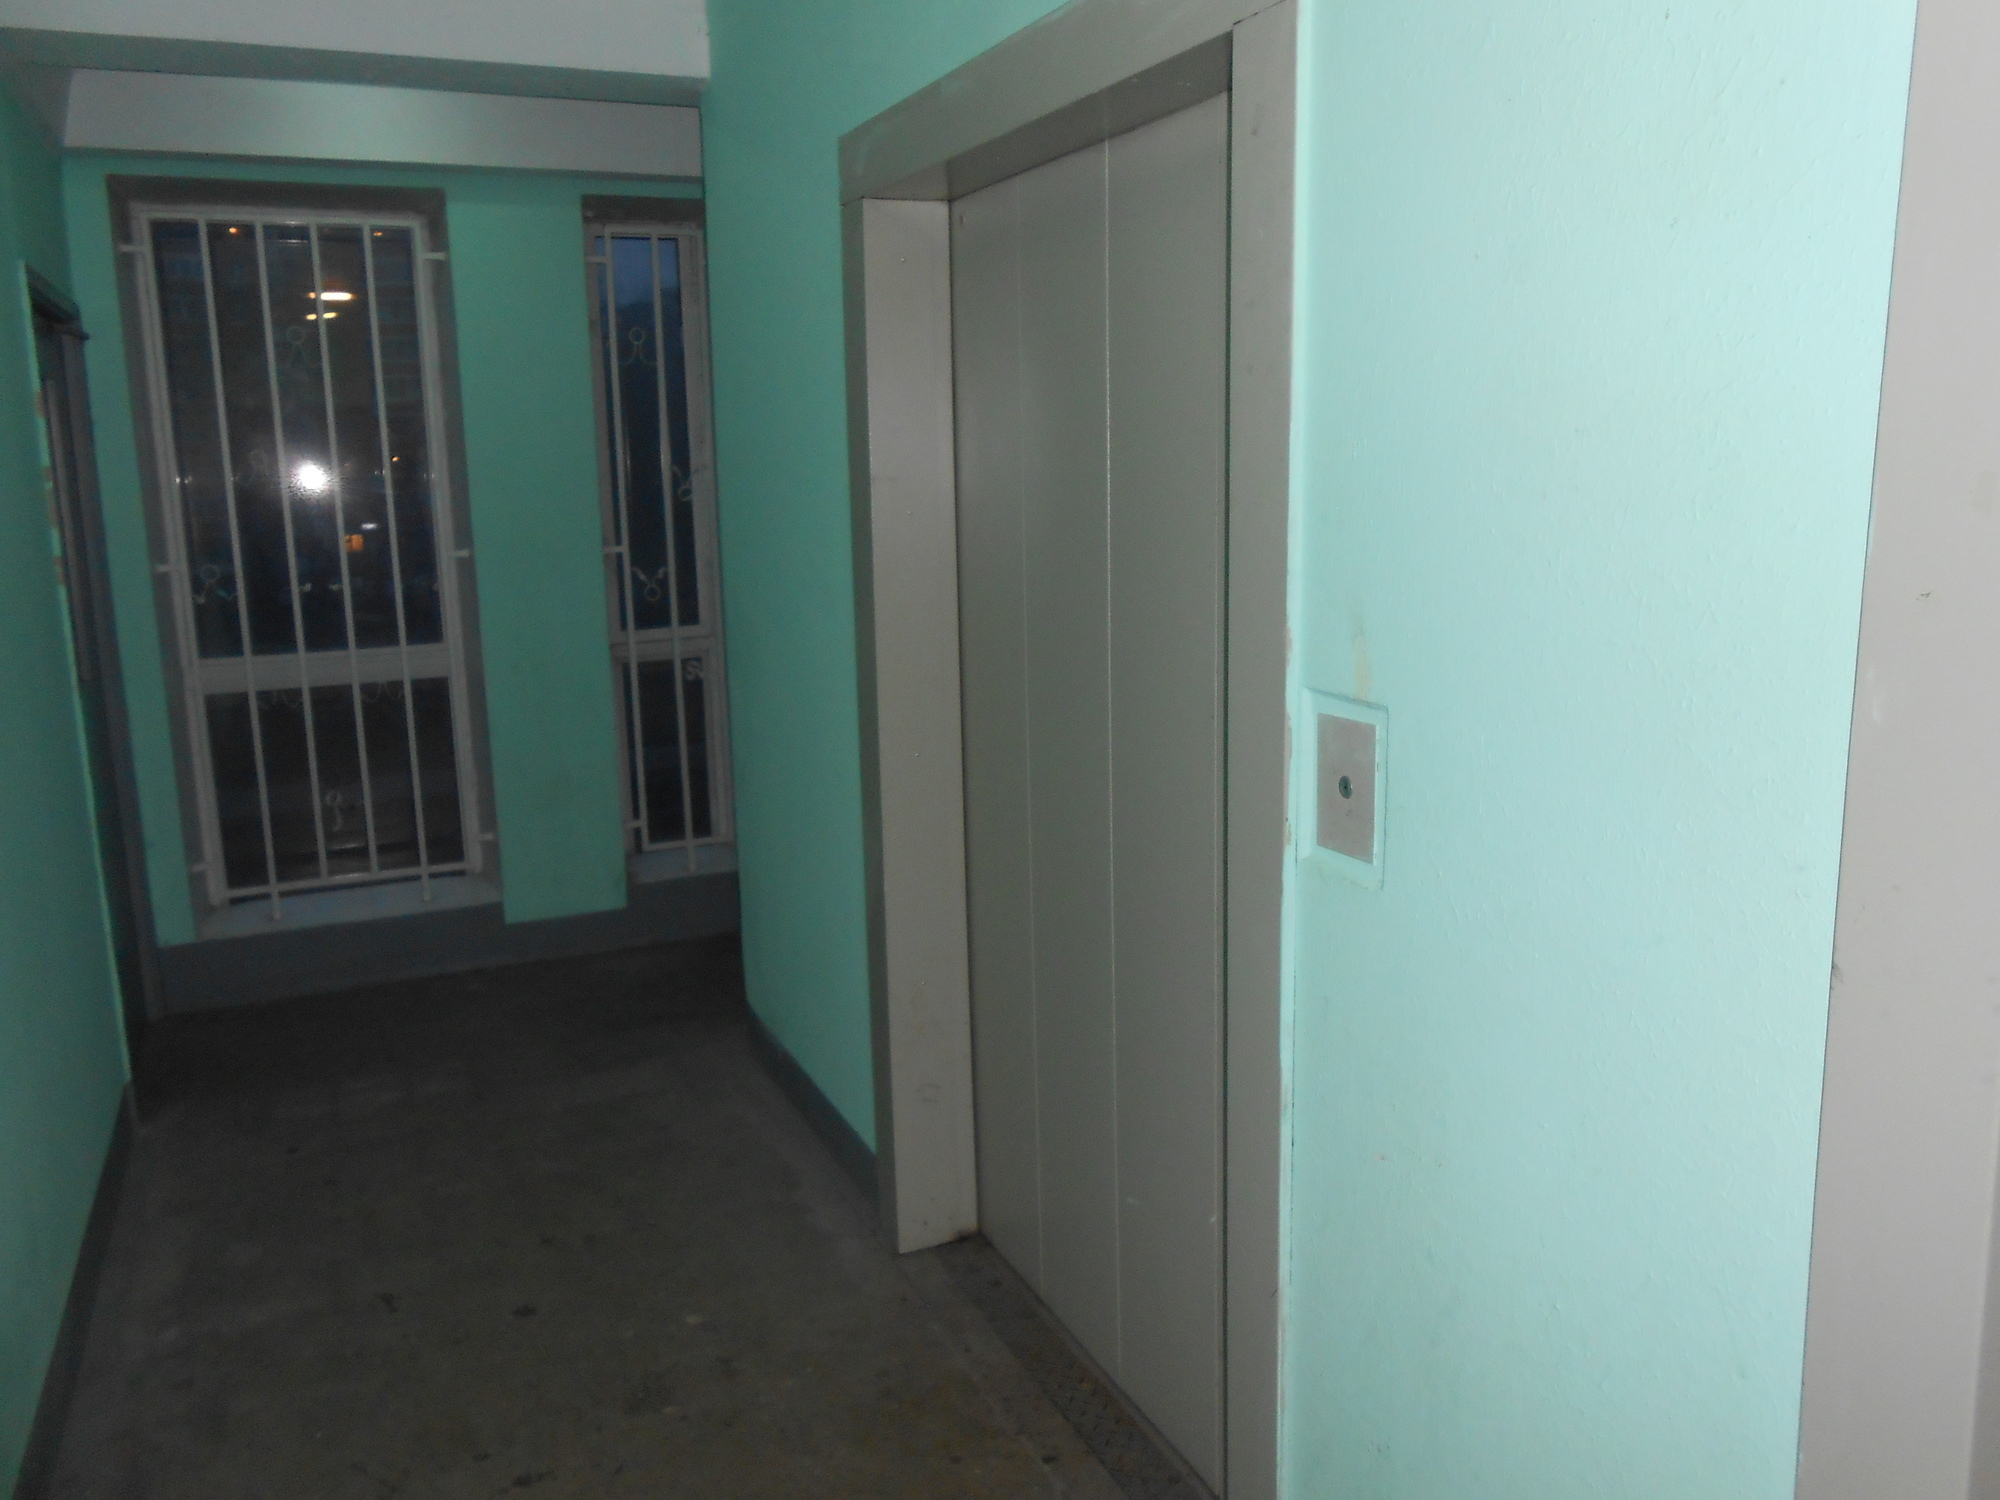 Москва, 3-х комнатная квартира, ул. молодцова д.3, 1320000.